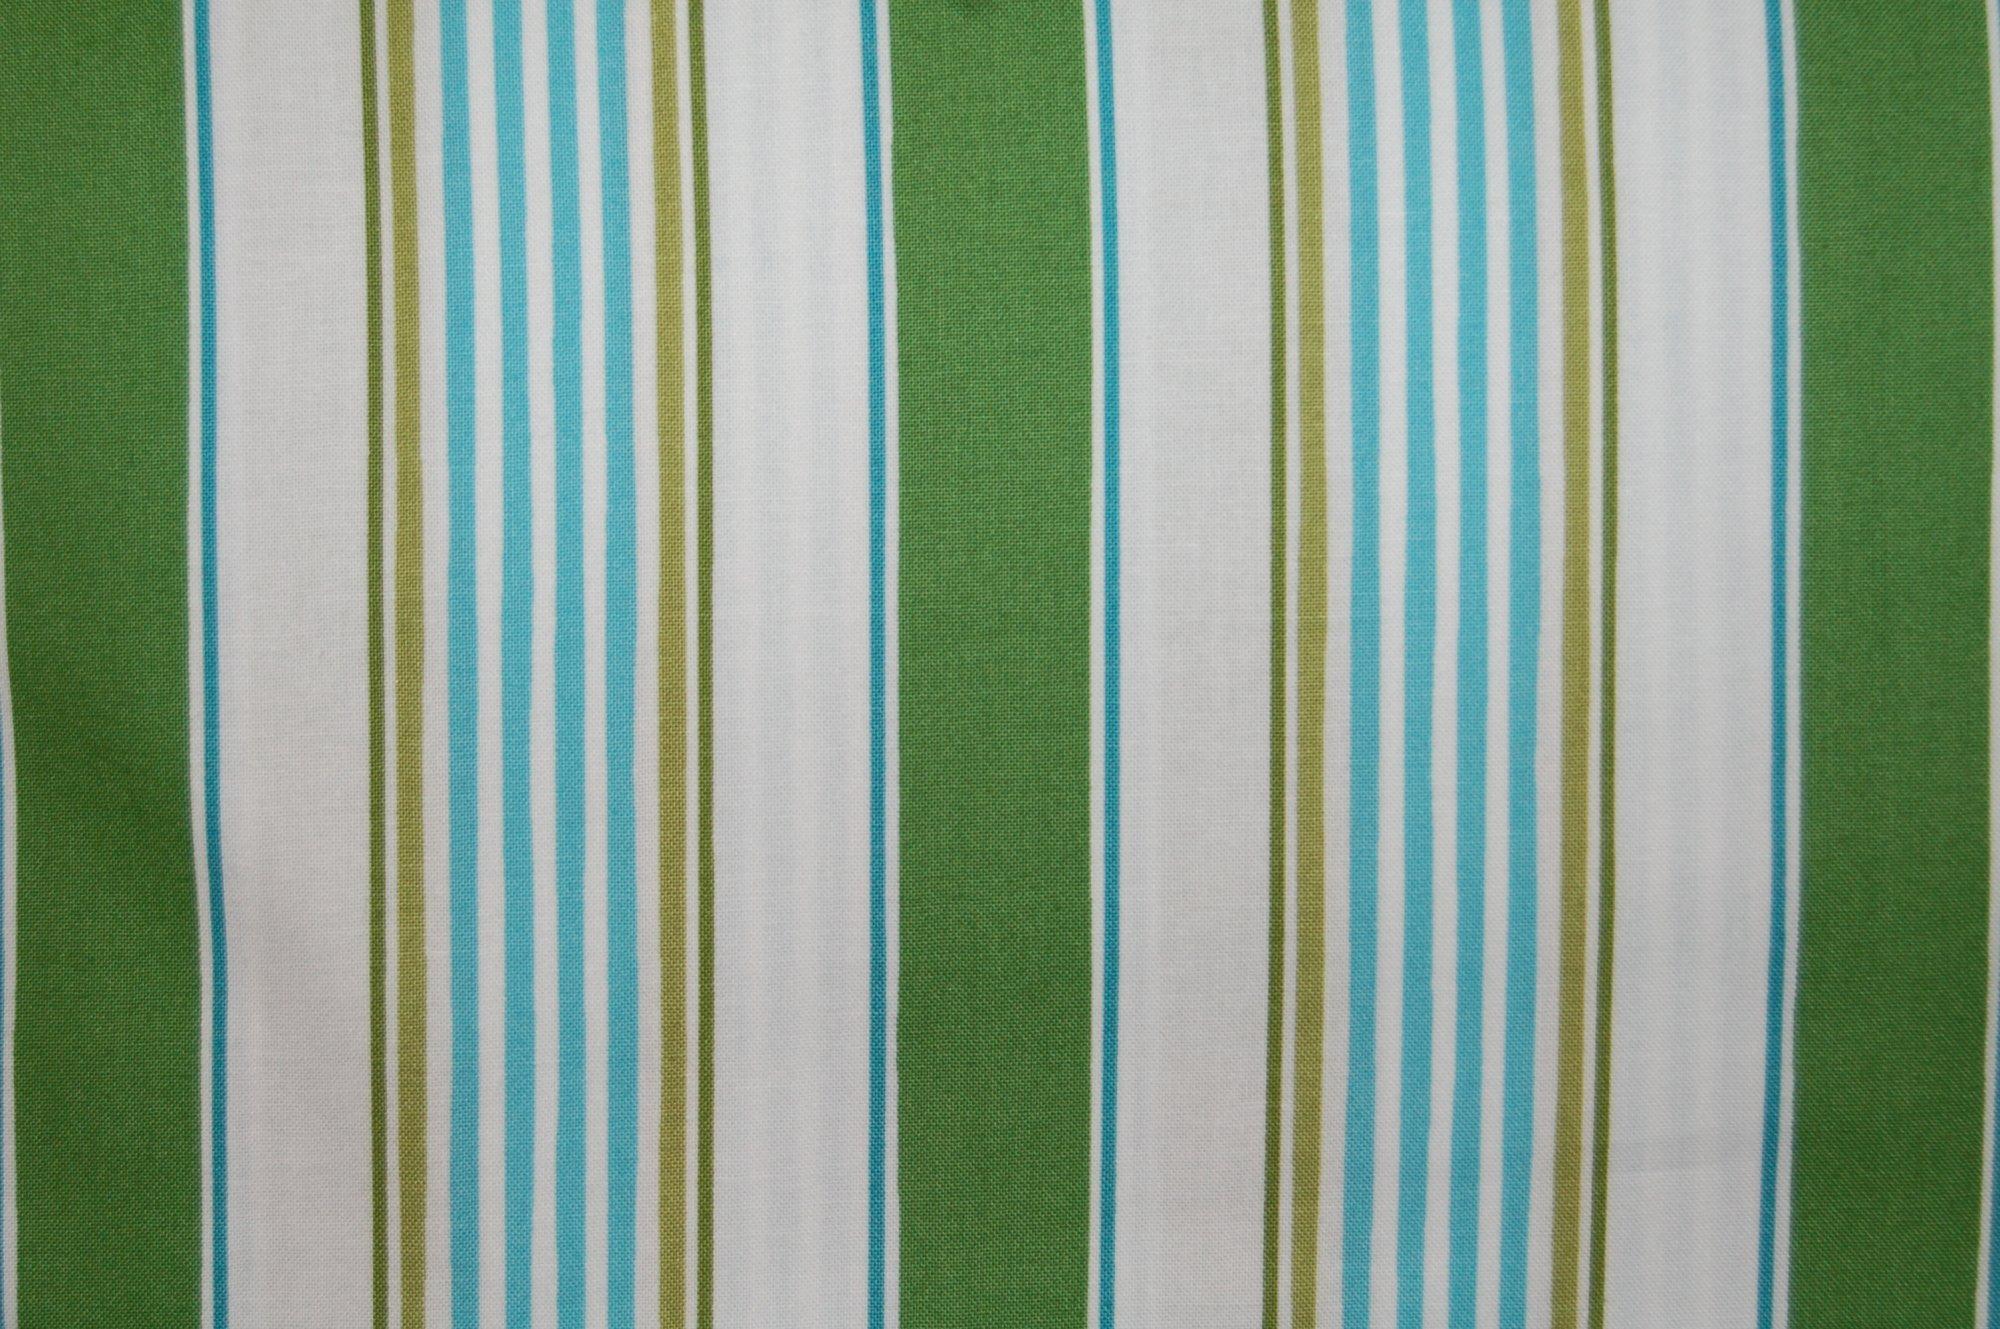 Merry Mistletoe - Linen Stripe (Green) from Dena Designs for Free Spirit